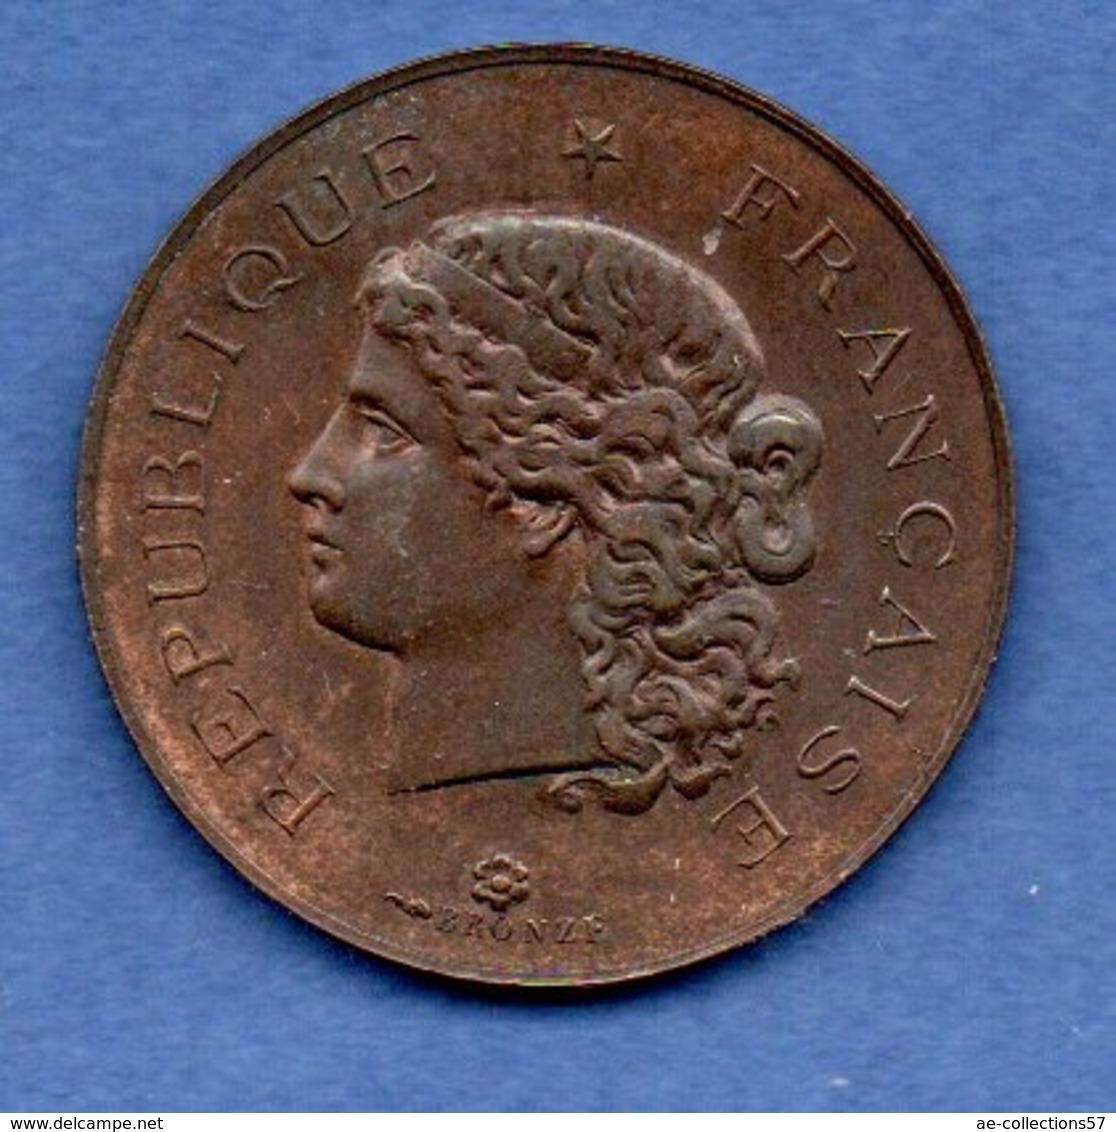 Médaille -- Inauguration De L Hôtel De Ville De Levallois Perret  -  27 Mars 1898   -  état  SUP - France